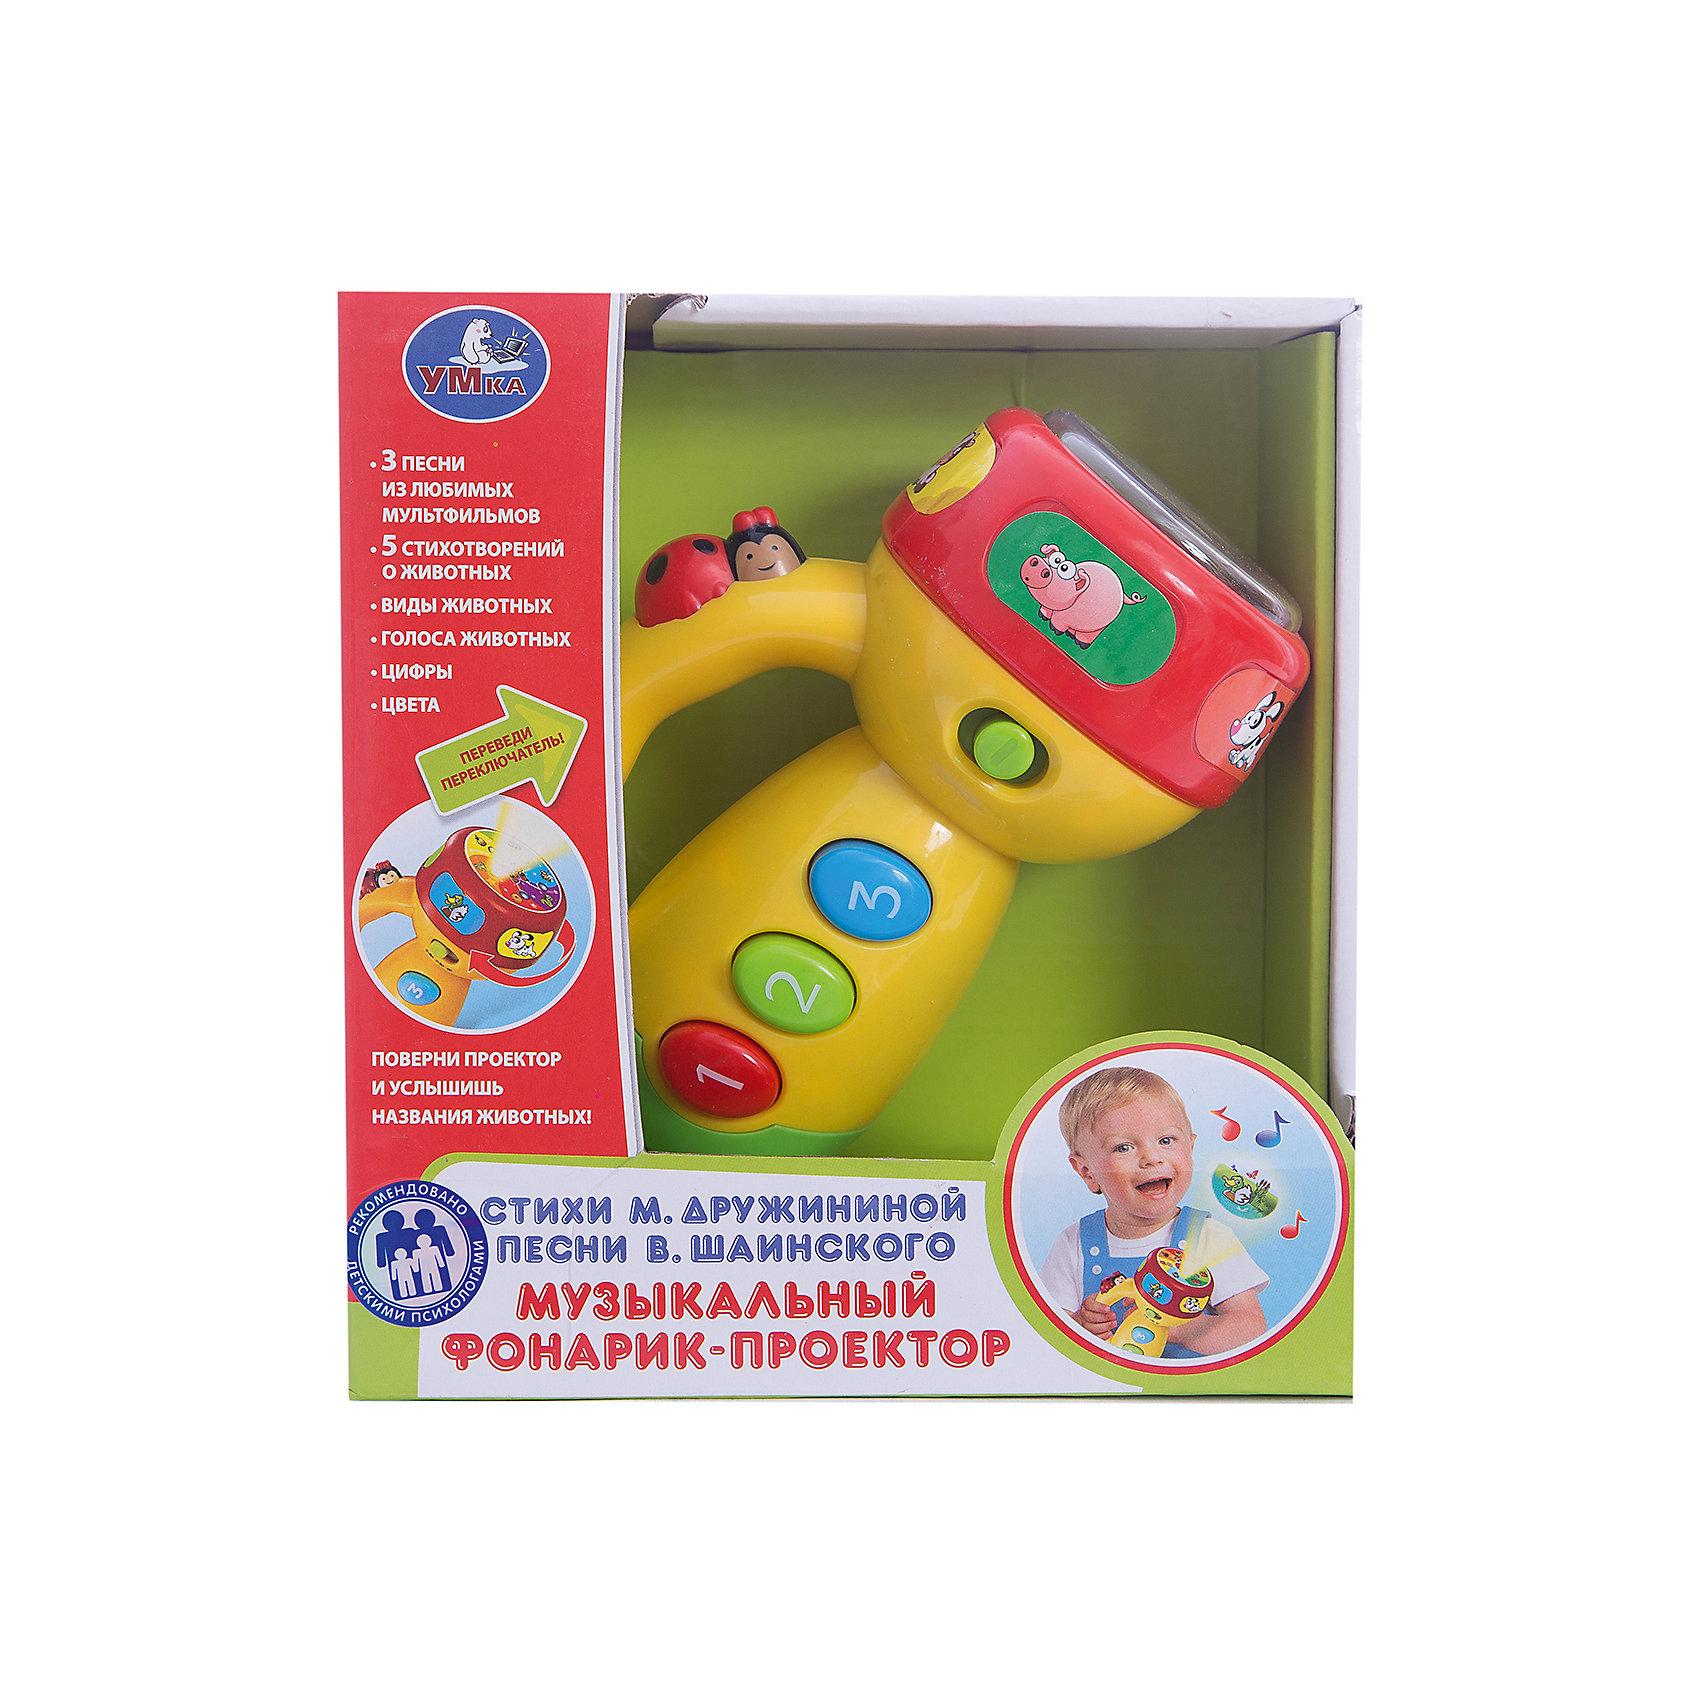 Фонарик-проектор Стихи М. Дружининой и песни В. Шаинского, УмкаЛампы, ночники, фонарики<br>Игрушки могут не только развлекать малыша, но и помогать его всестороннему развитию. Этот фонарик поможет формированию разных навыков, он помогает развить тактильное восприятие, цветовосприятие, воображение и мелкую моторику.<br>Изделие представляет собой игрушку, которая дополнена звуковыми и световыми эффектами. С его помощью ребенок узнает много нового и интересного! Изделие произведено из качественных материалов, безопасных для ребенка.<br><br>Дополнительная информация:<br><br>цвет: разноцветный;<br>материал: пластик;<br>со звуковыми и световыми эффектами;<br>размер упаковки: 90 x 180 x 190 мм.<br><br>Фонарик-проектор Стихи М. Дружининой и песни В. Шаинского от бренда Умка можно купить в нашем магазине.<br><br>Ширина мм: 90<br>Глубина мм: 180<br>Высота мм: 190<br>Вес г: 380<br>Возраст от месяцев: 36<br>Возраст до месяцев: 2147483647<br>Пол: Унисекс<br>Возраст: Детский<br>SKU: 5002245